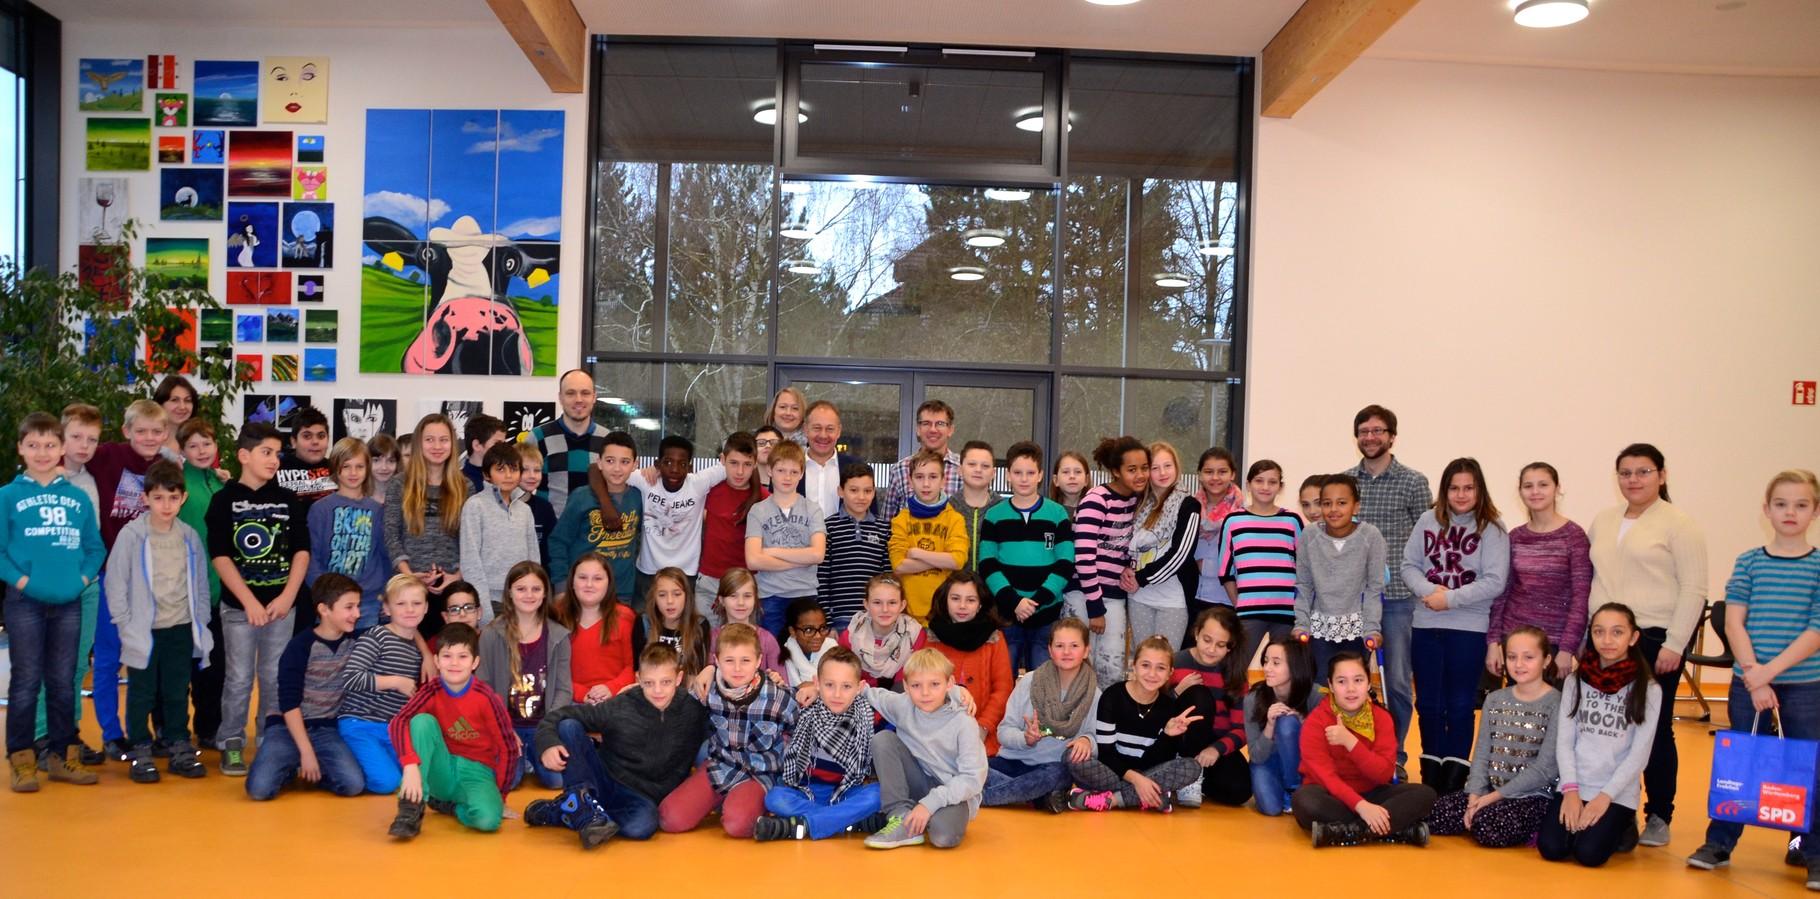 Schultüte für Beethovenschule - Hans-Peter Storz besucht Gemeinschaftsschule